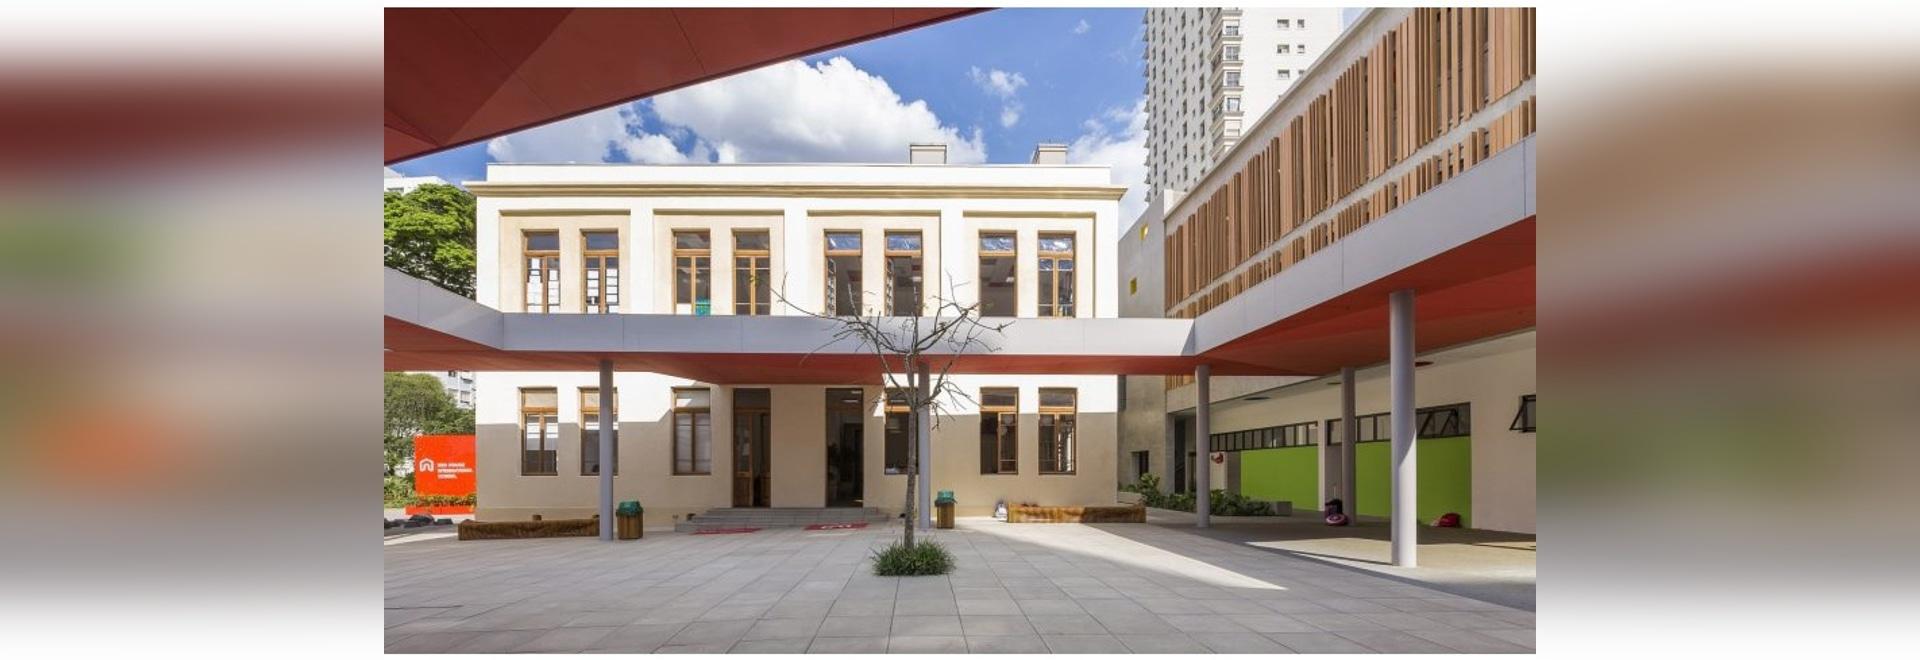 El estudio Dlux convierte el edificio histórico en São Paulo en la escuela de los niños